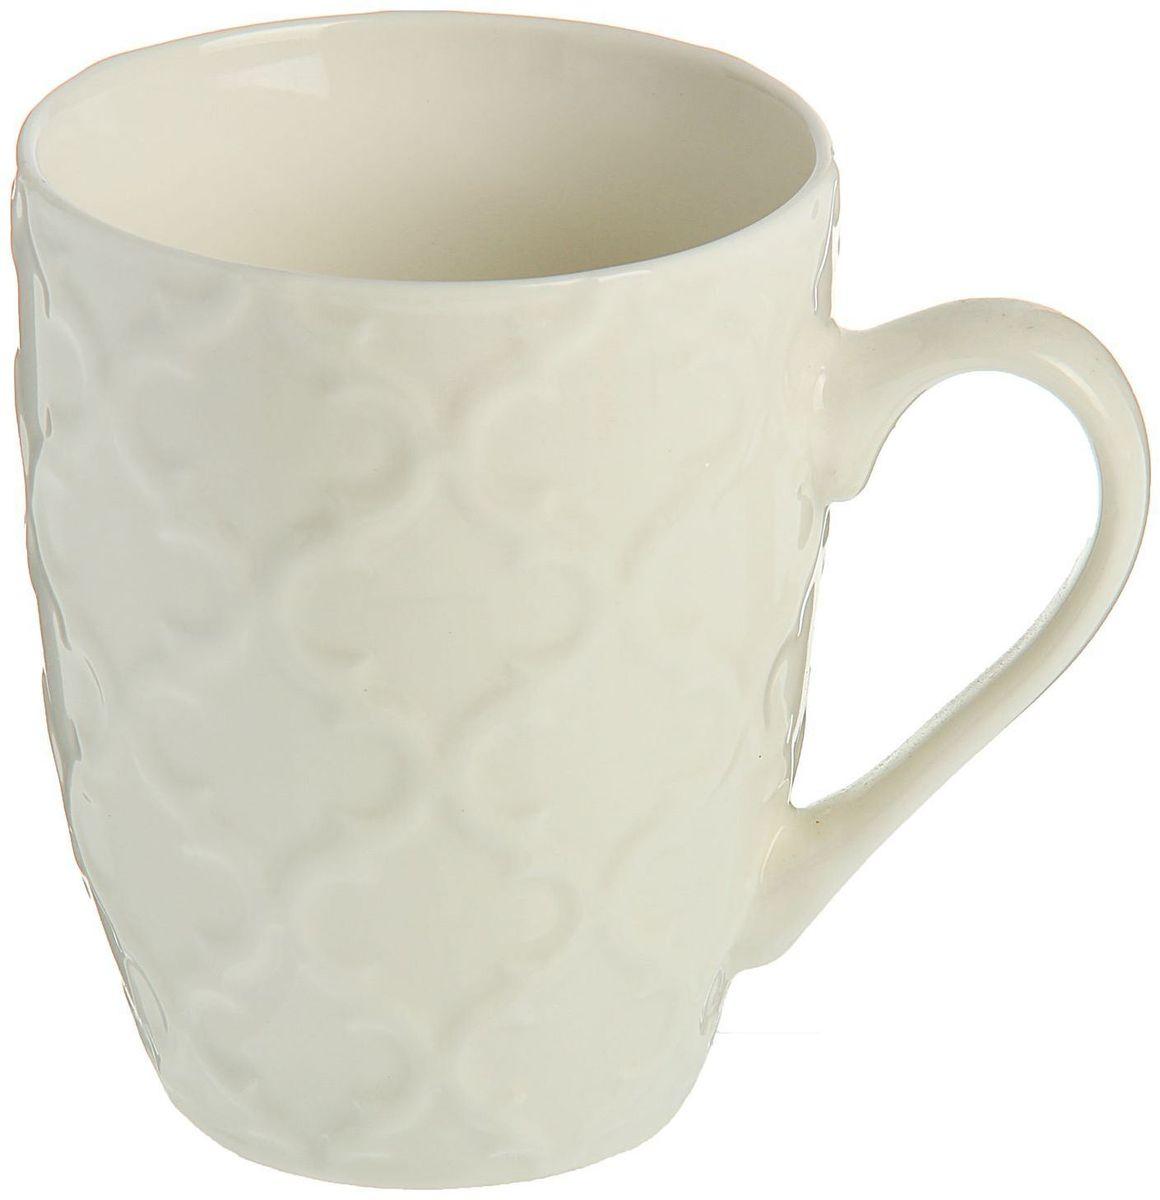 Кружка Доляна Орнамент, цвет: белый, 320 мл863677Кружка Доляна Орнамент изготовлена из керамики. Она украшена оригинальным выпуклым орнаментом. Кружка станет отличным подарком для родных и близких. Это любимый аксессуар на долгие годы.Относитесь к изделию бережно, и оно будет дарить прекрасное настроение каждый день.